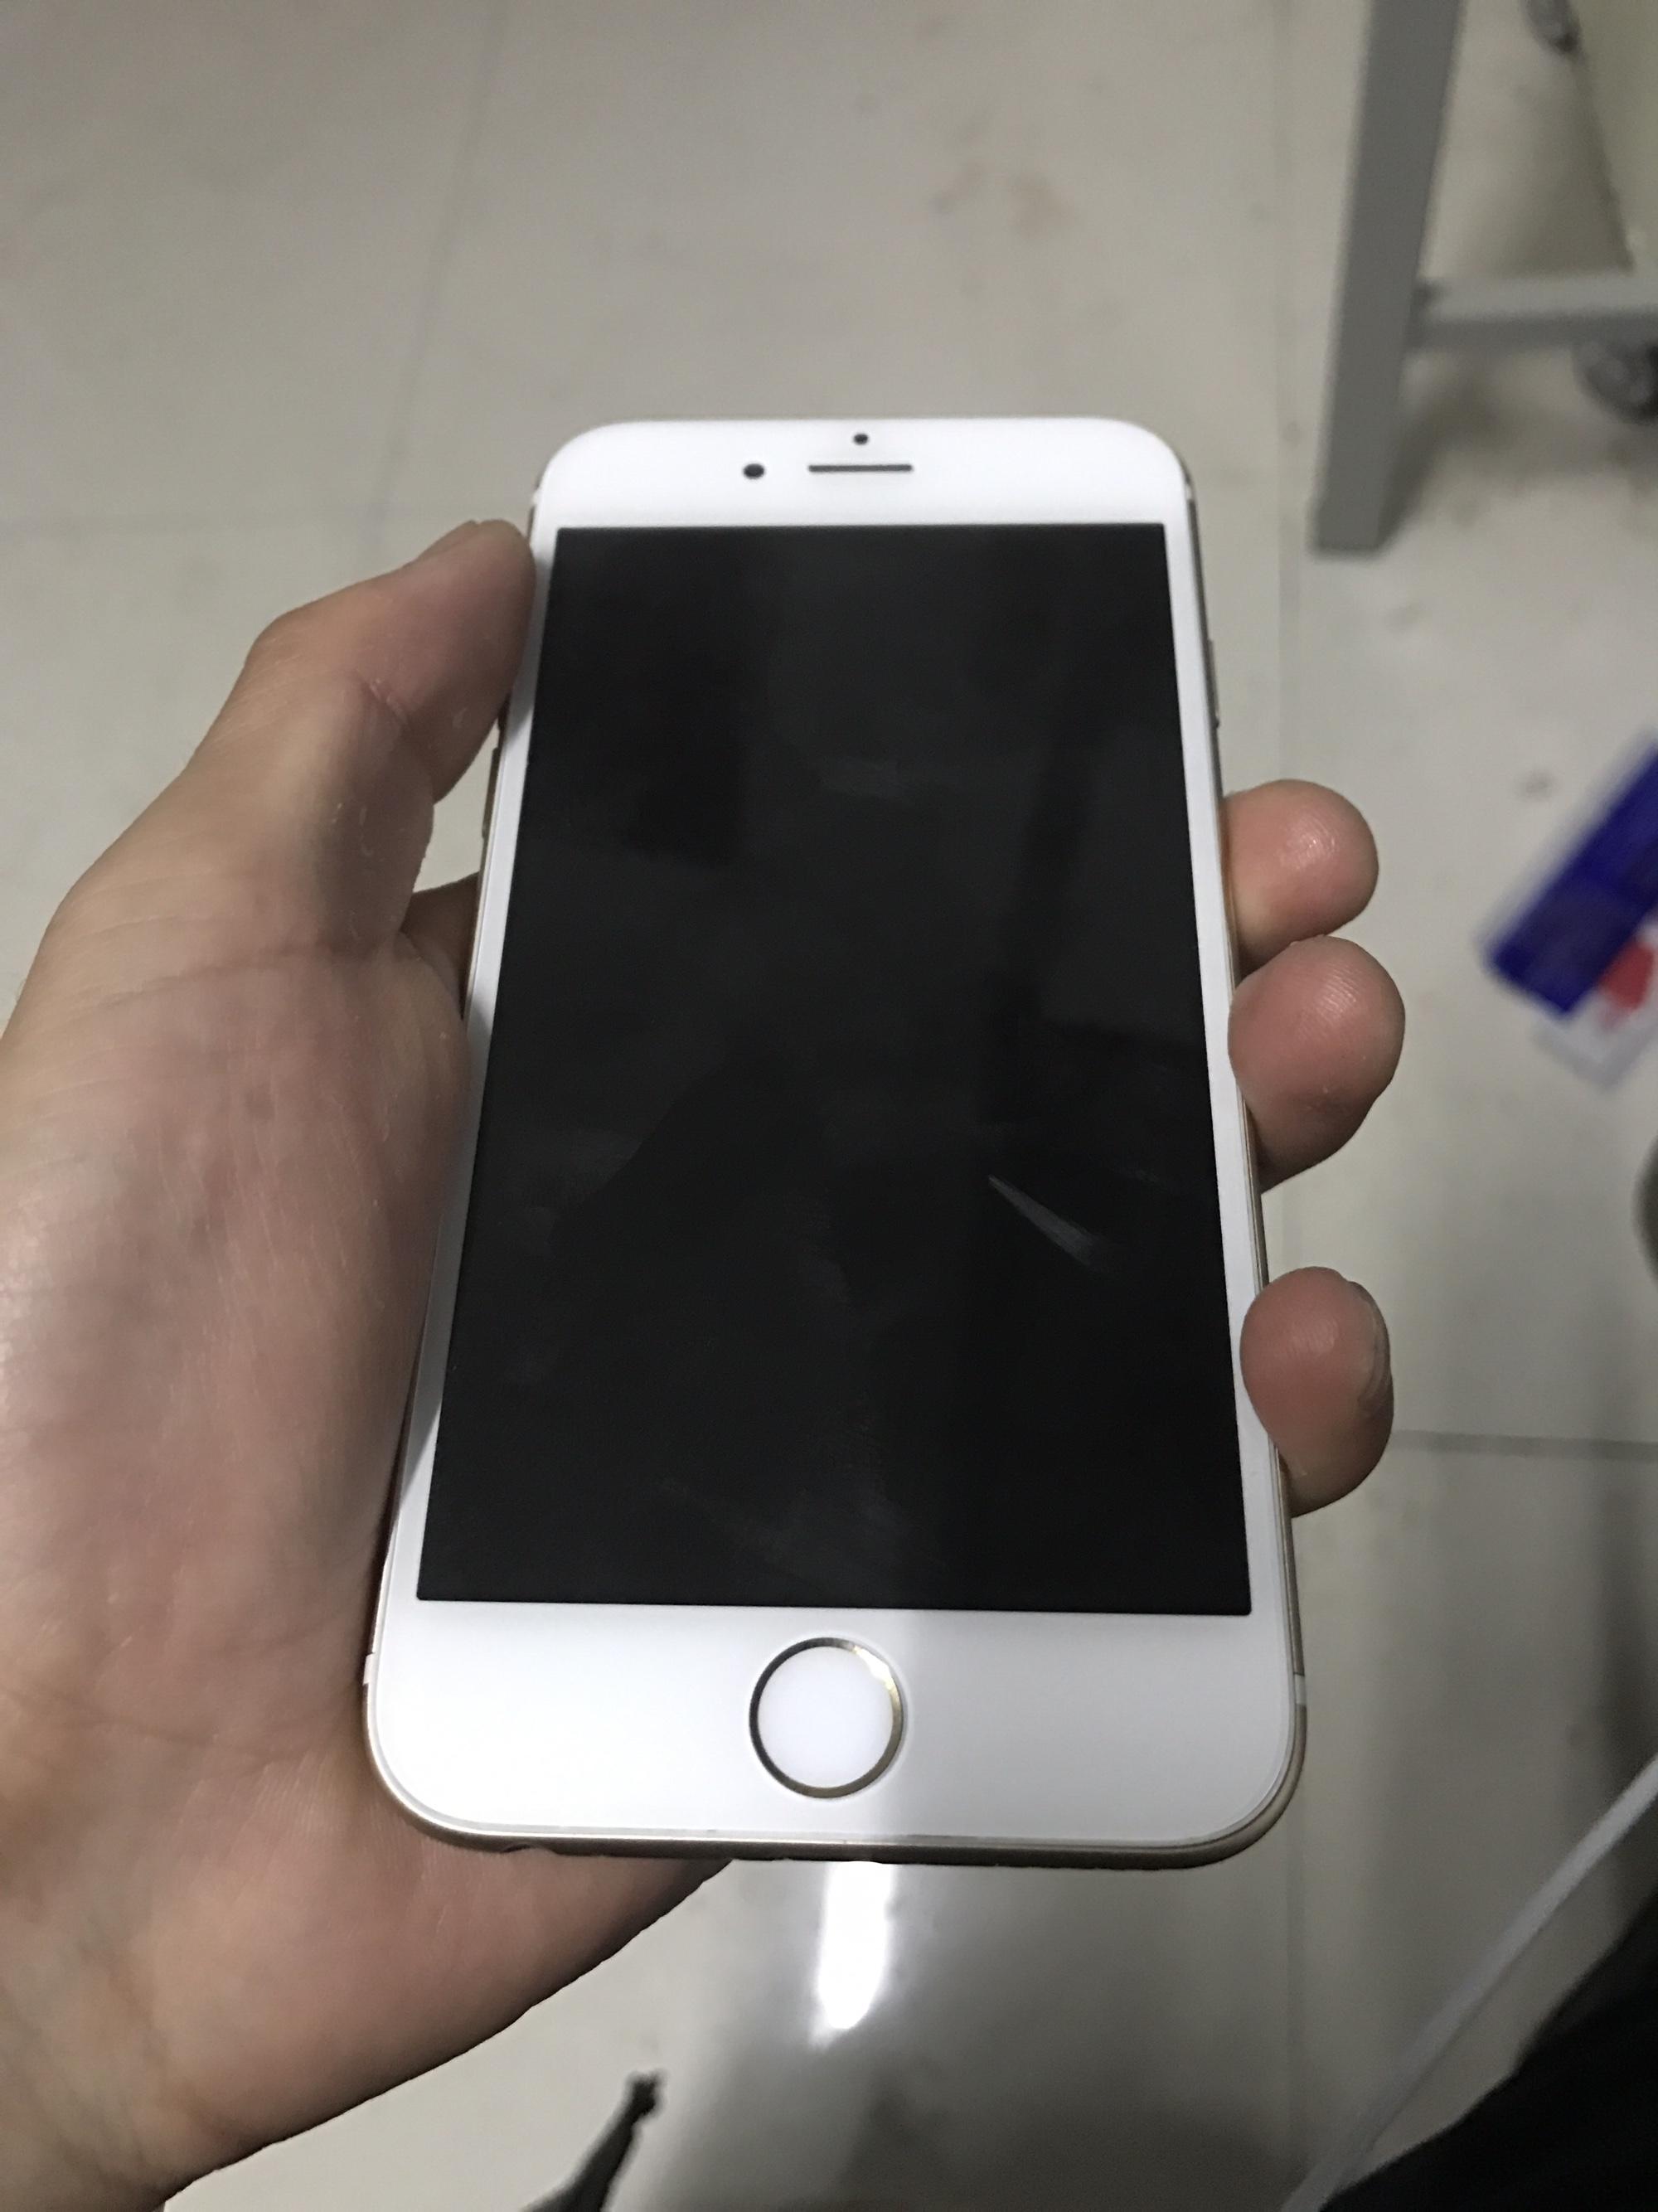 捡到手机手机自己用,要不要刷机解id锁扬州苹果苹果以旧换新图片